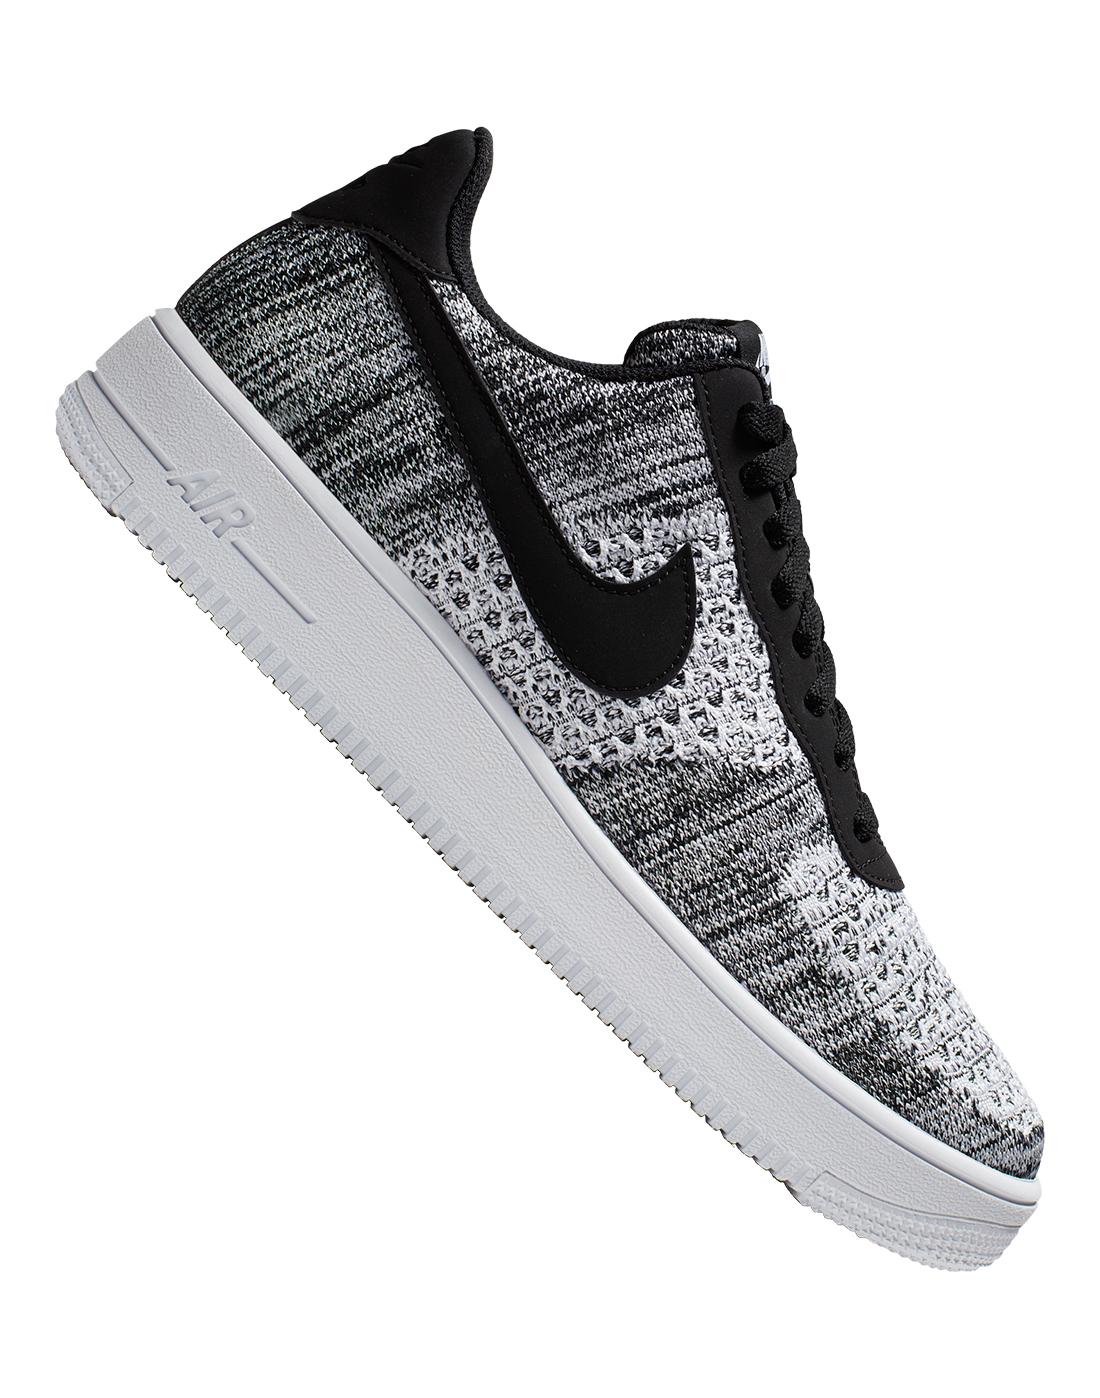 Black \u0026 White Nike Air Force 1 Flyknit